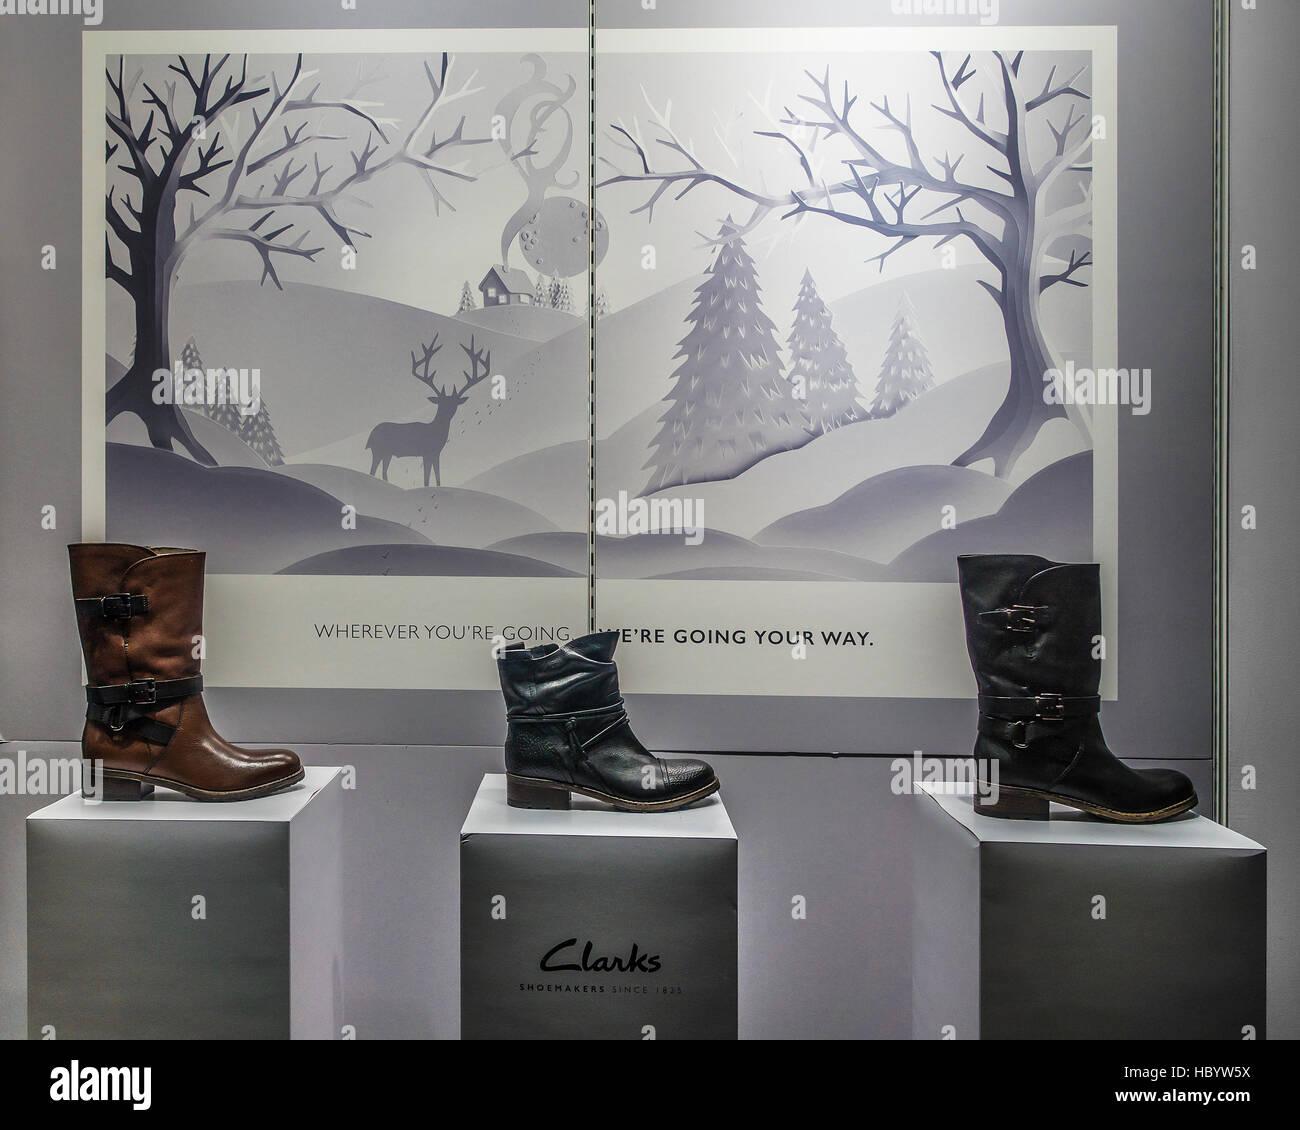 Clarks Schuh Shop Weihnachten Fenster Anzeige Whitefriars Canterbury ...